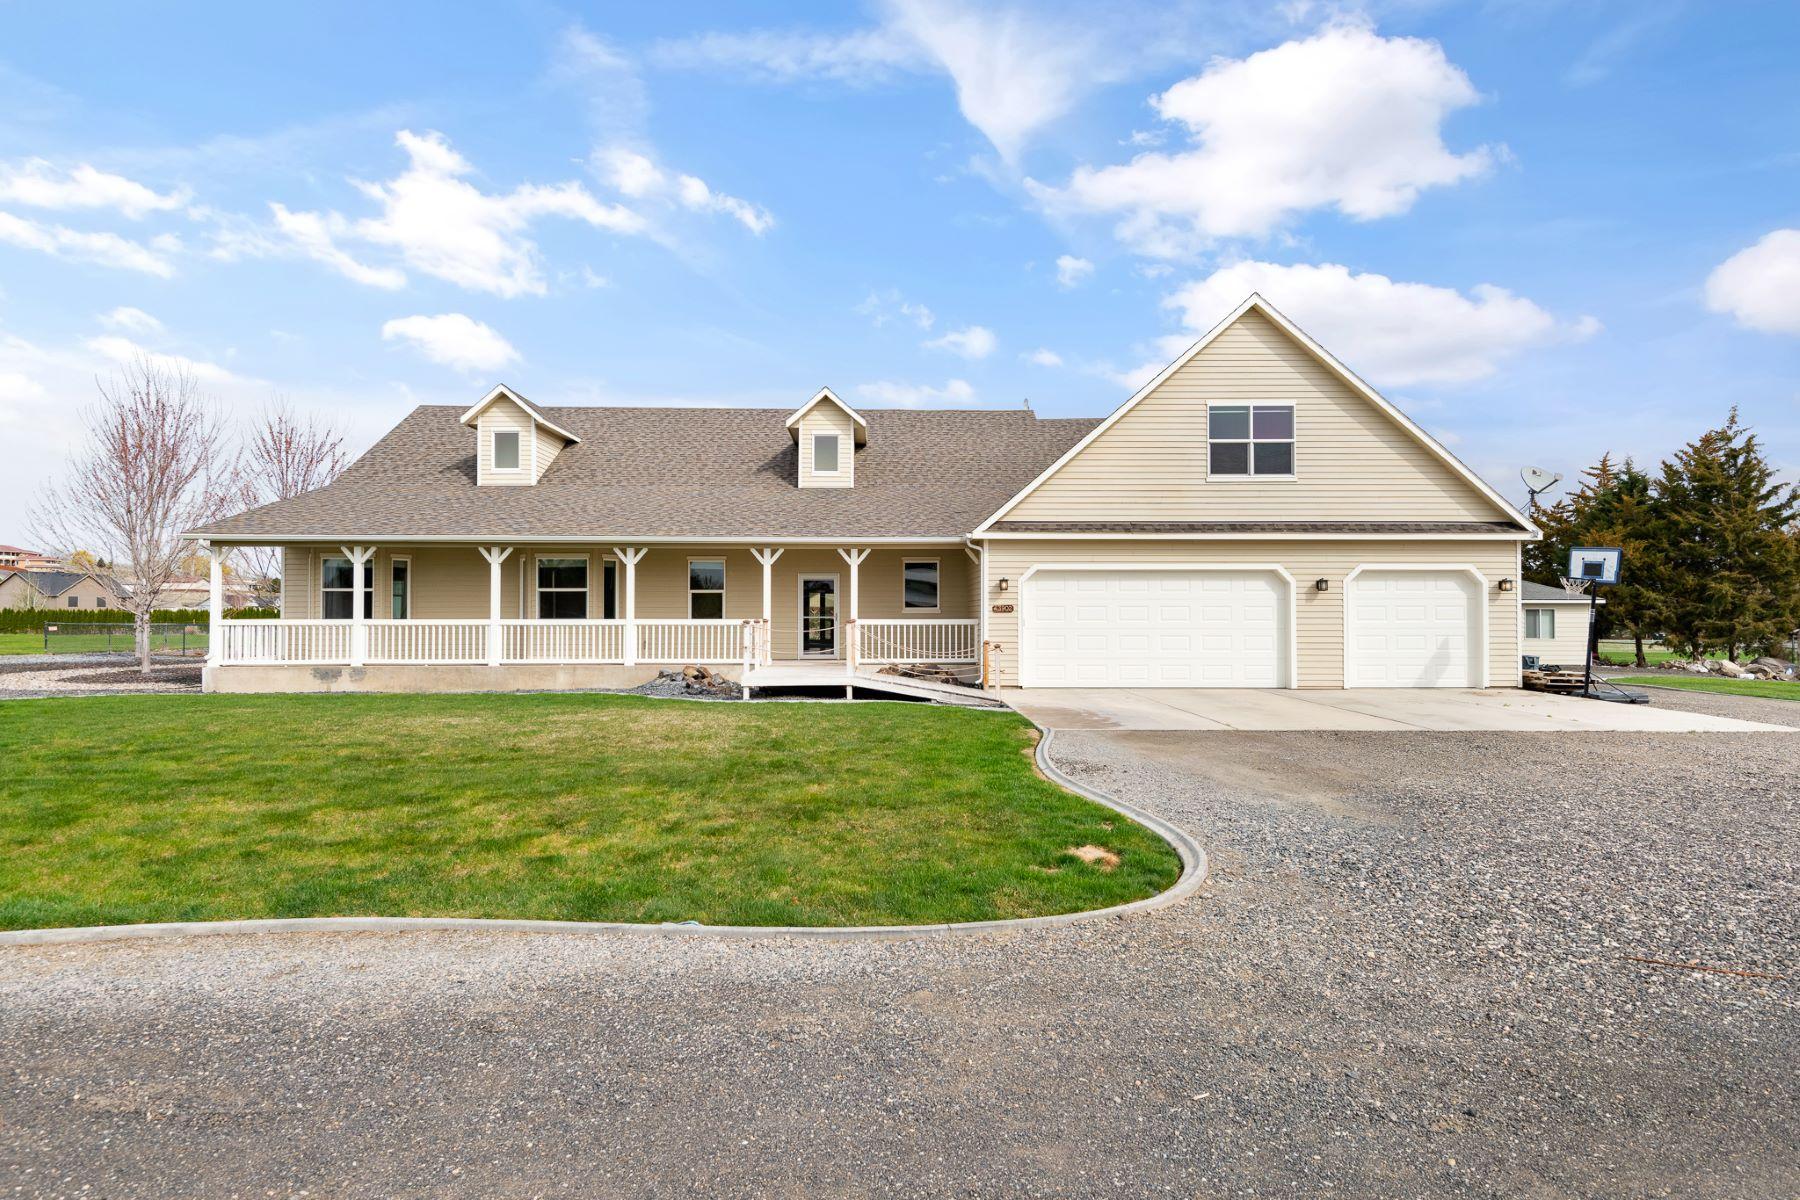 Single Family Homes for Sale at Inground Pool, pool house, and acreage 43902 East McWhorter Lane West Richland, Washington 99353 United States